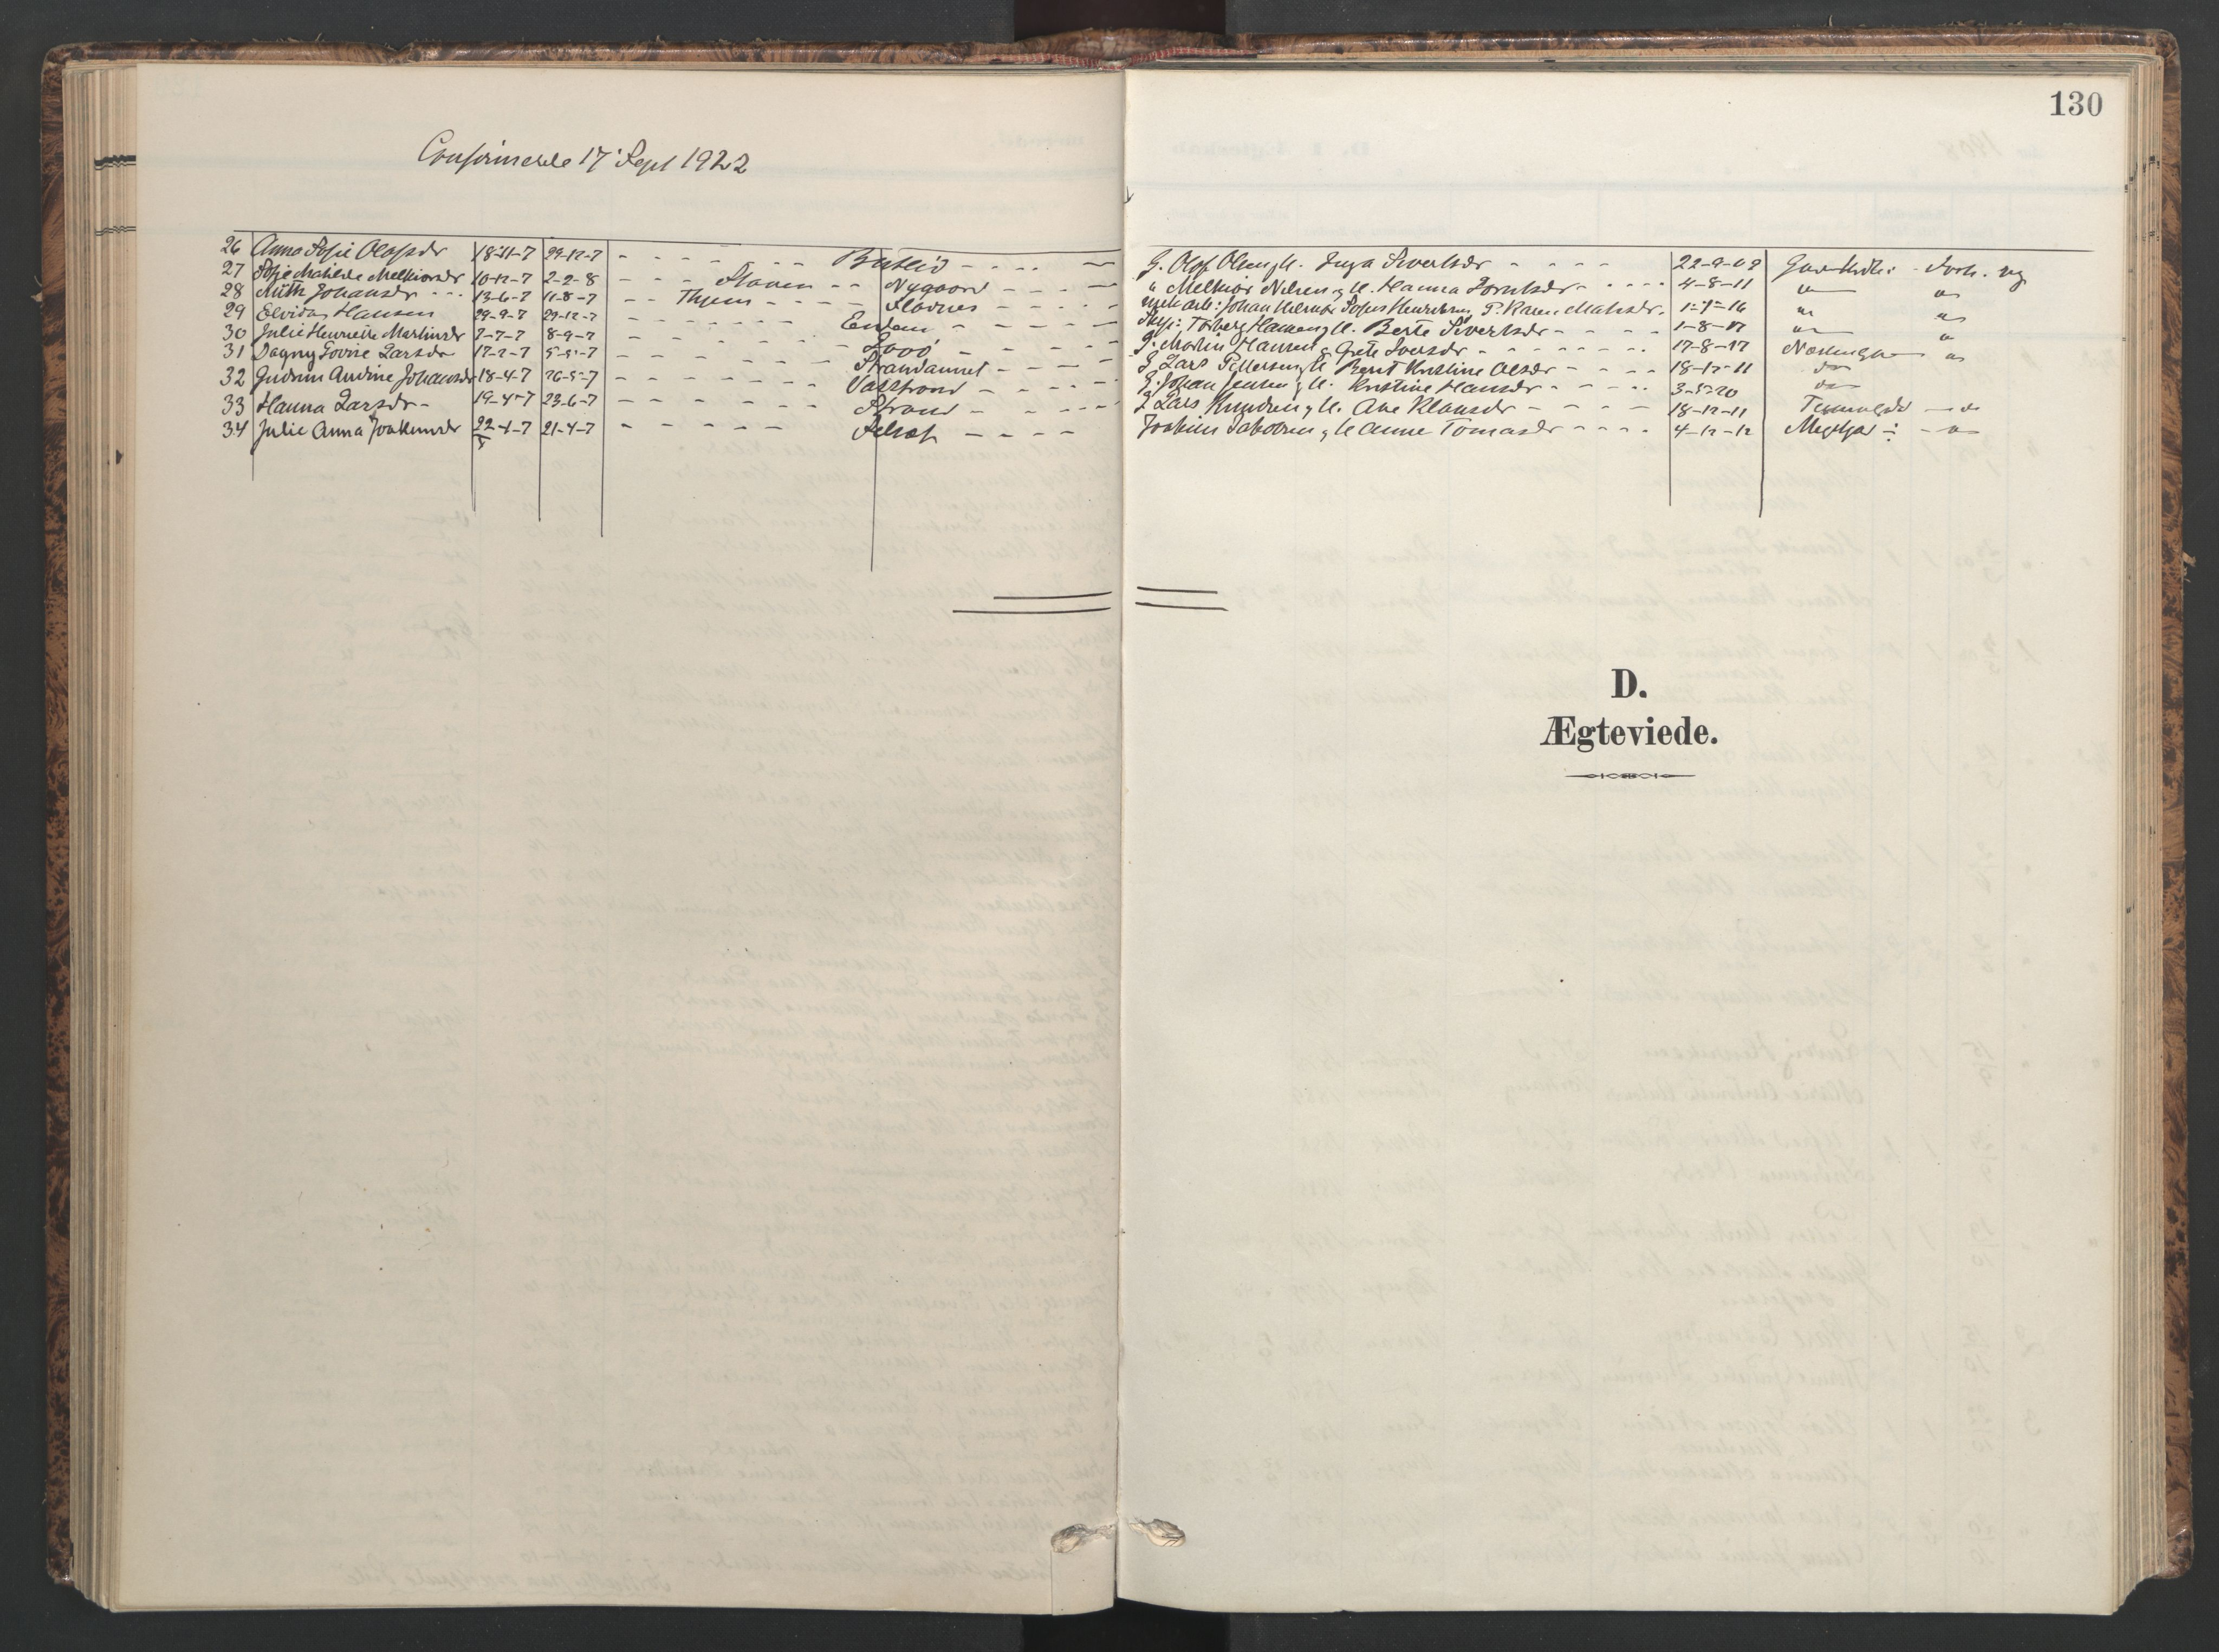 SAT, Ministerialprotokoller, klokkerbøker og fødselsregistre - Sør-Trøndelag, 655/L0682: Ministerialbok nr. 655A11, 1908-1922, s. 130